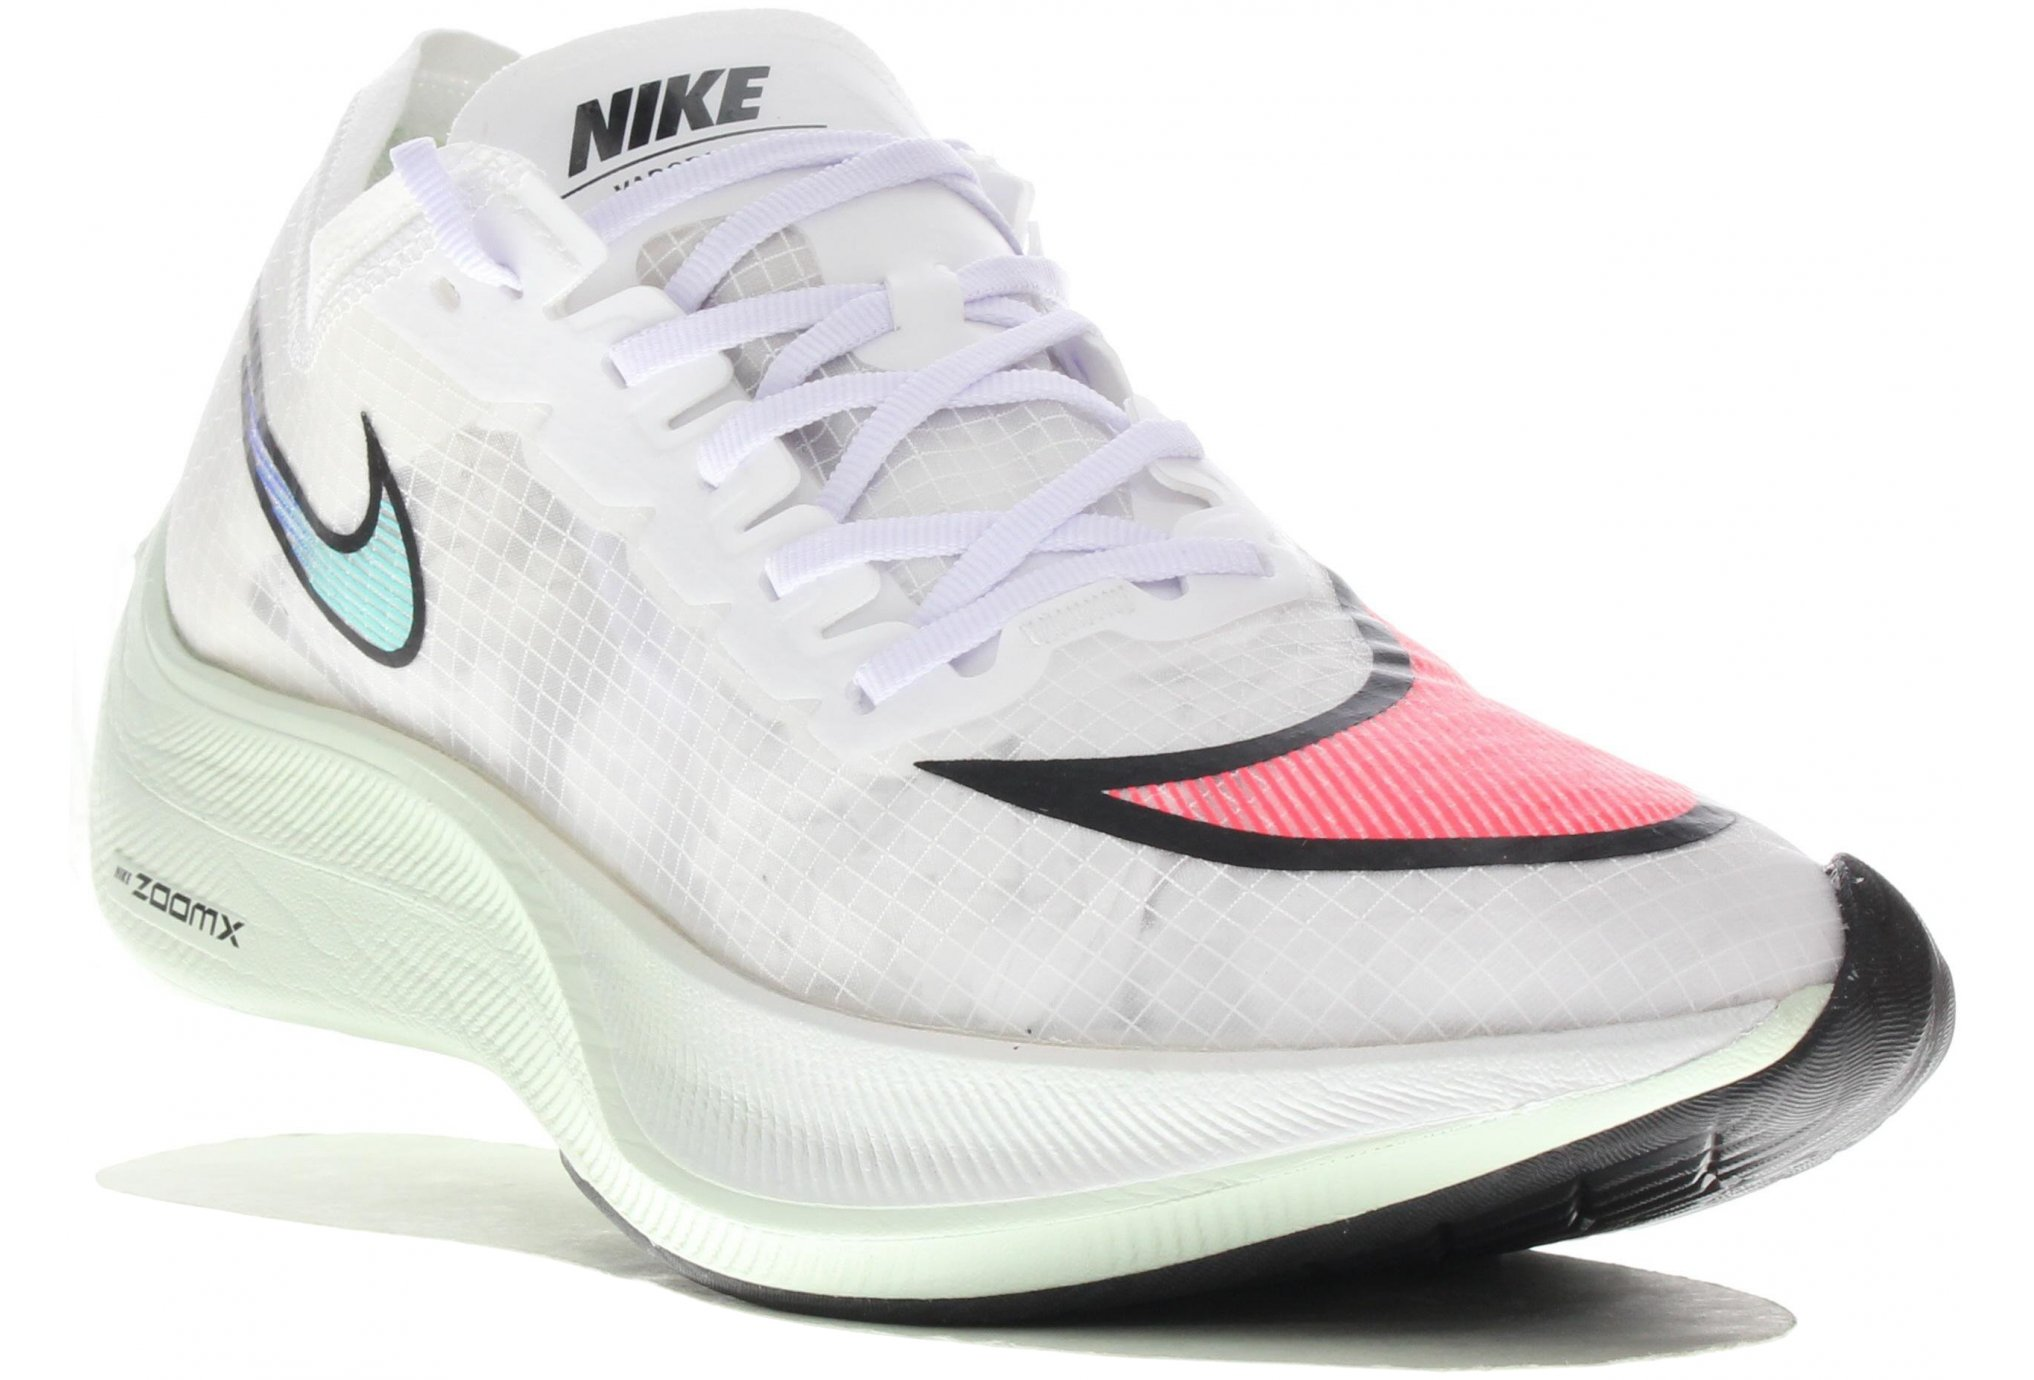 Nike ZoomX Vaporfly Next% M Diététique Chaussures homme